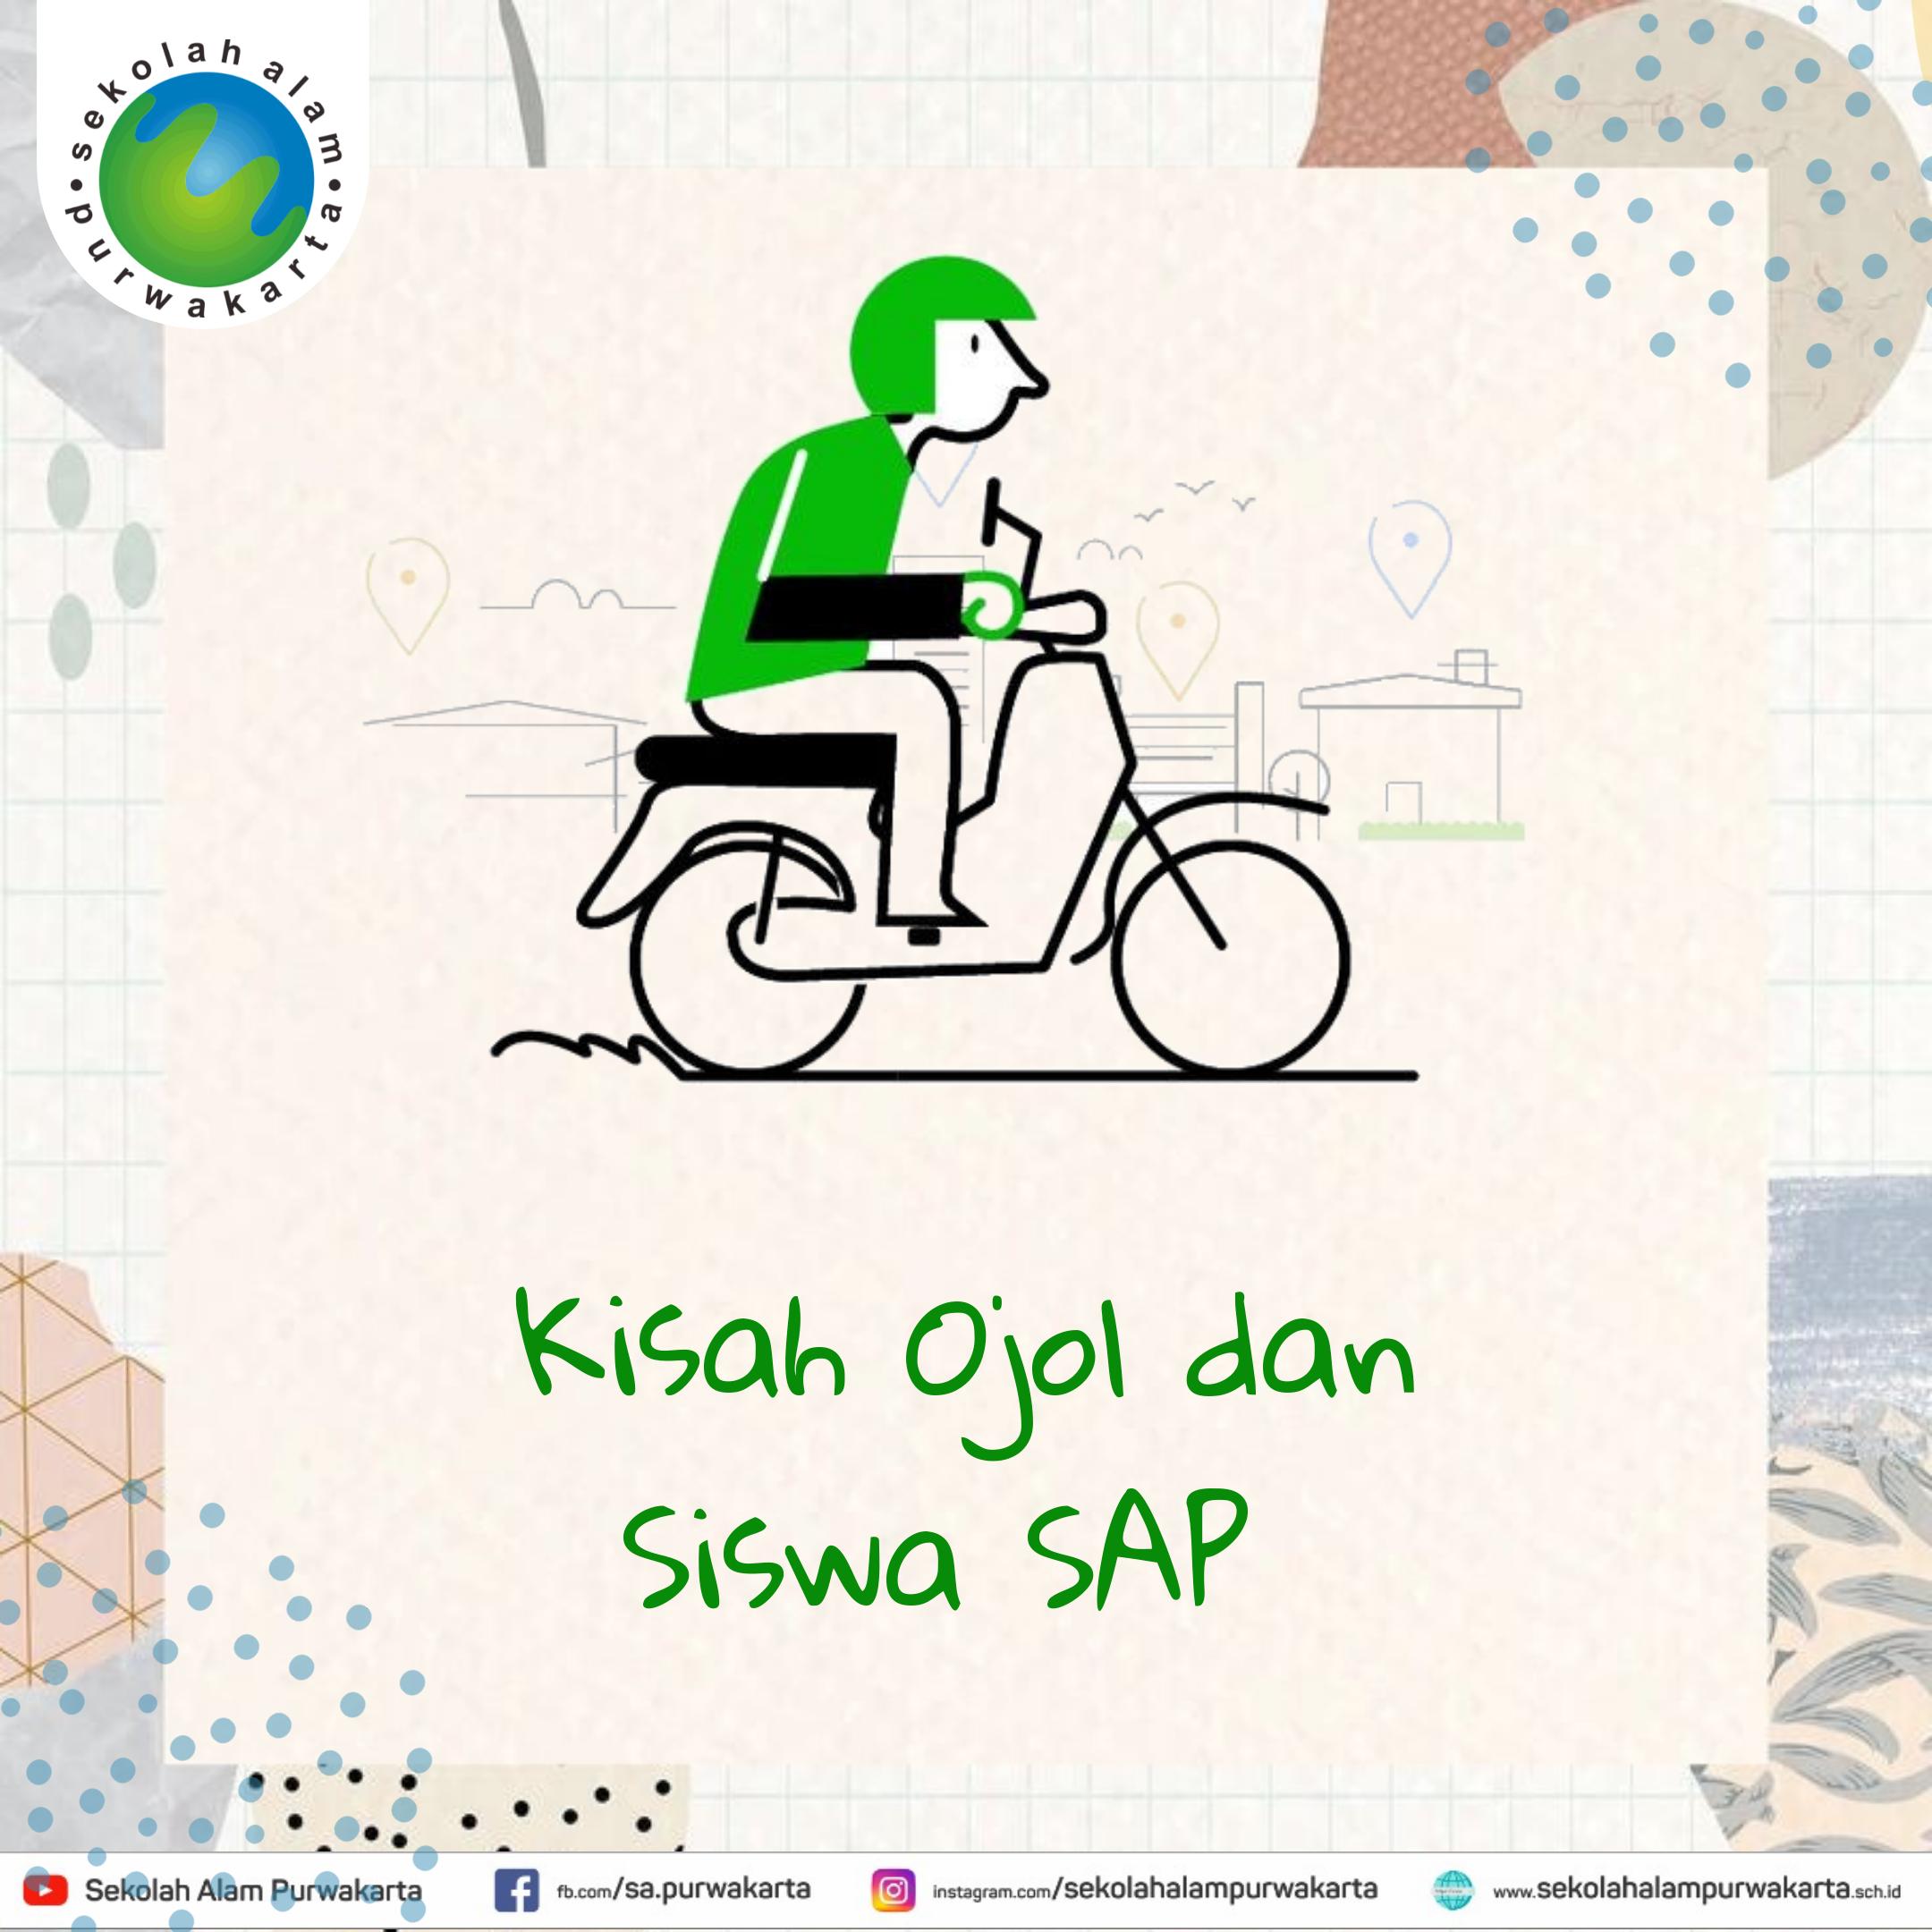 Kisah Ojol dan Anak SAP